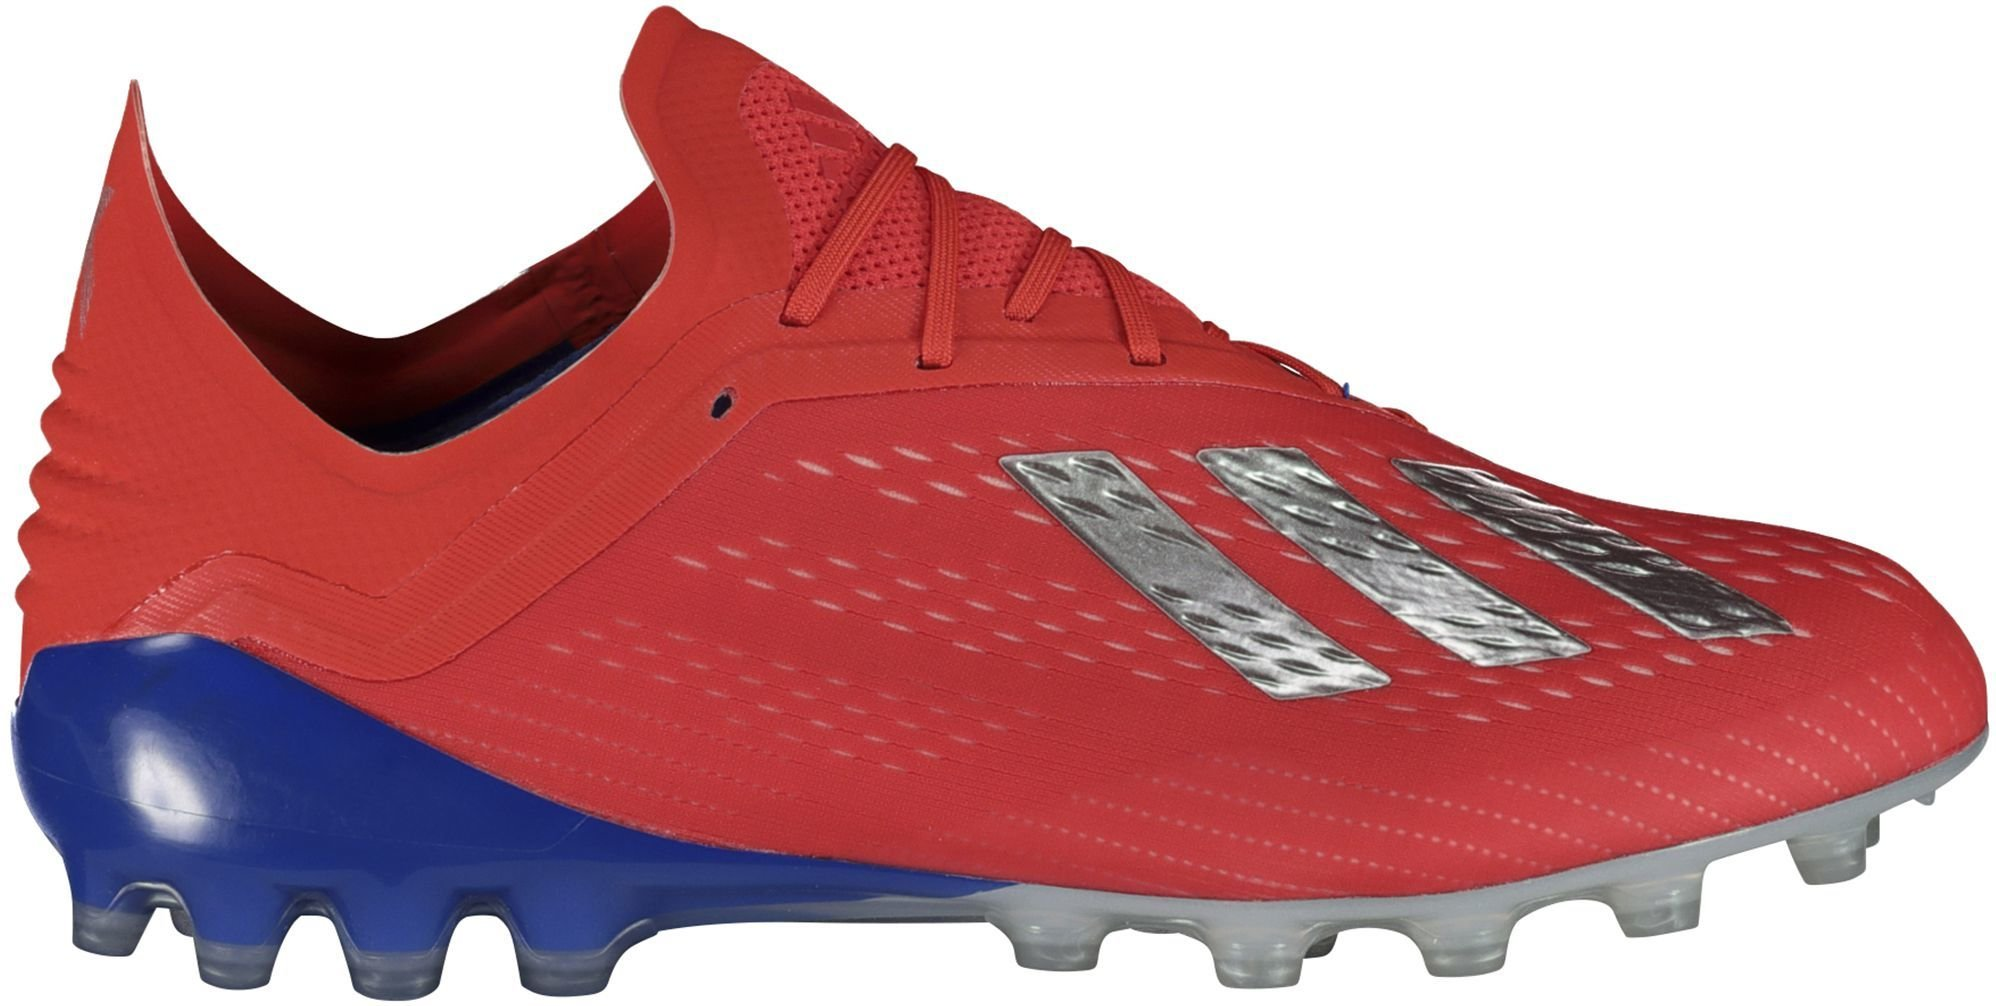 Adidas X 18.1 AG